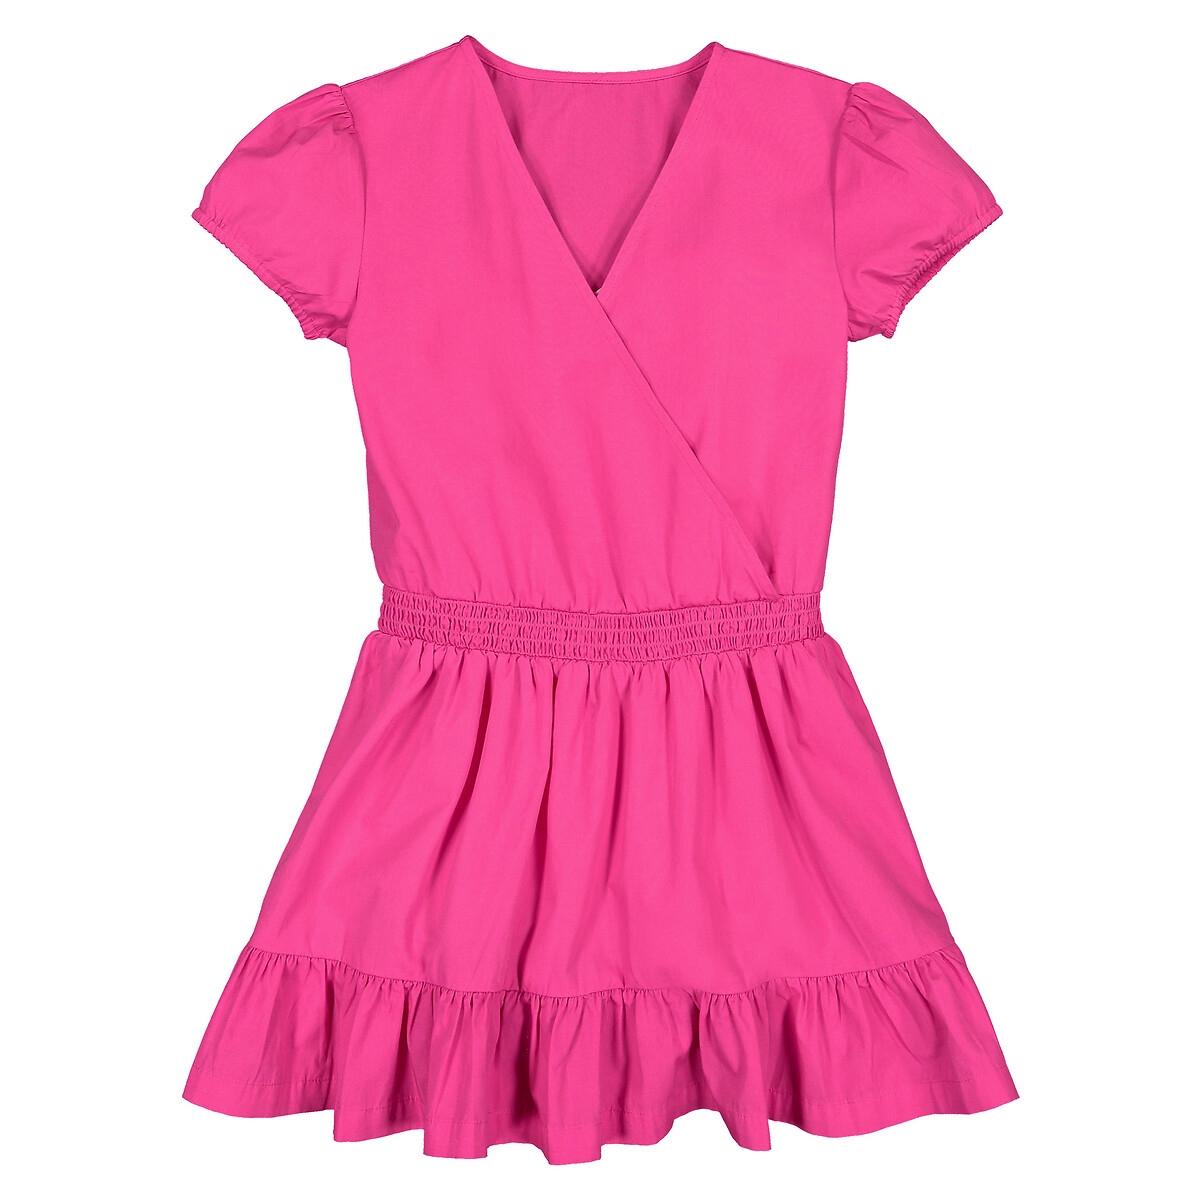 Vestido de mangas curtas com efeito cruzado, 3-12 anos